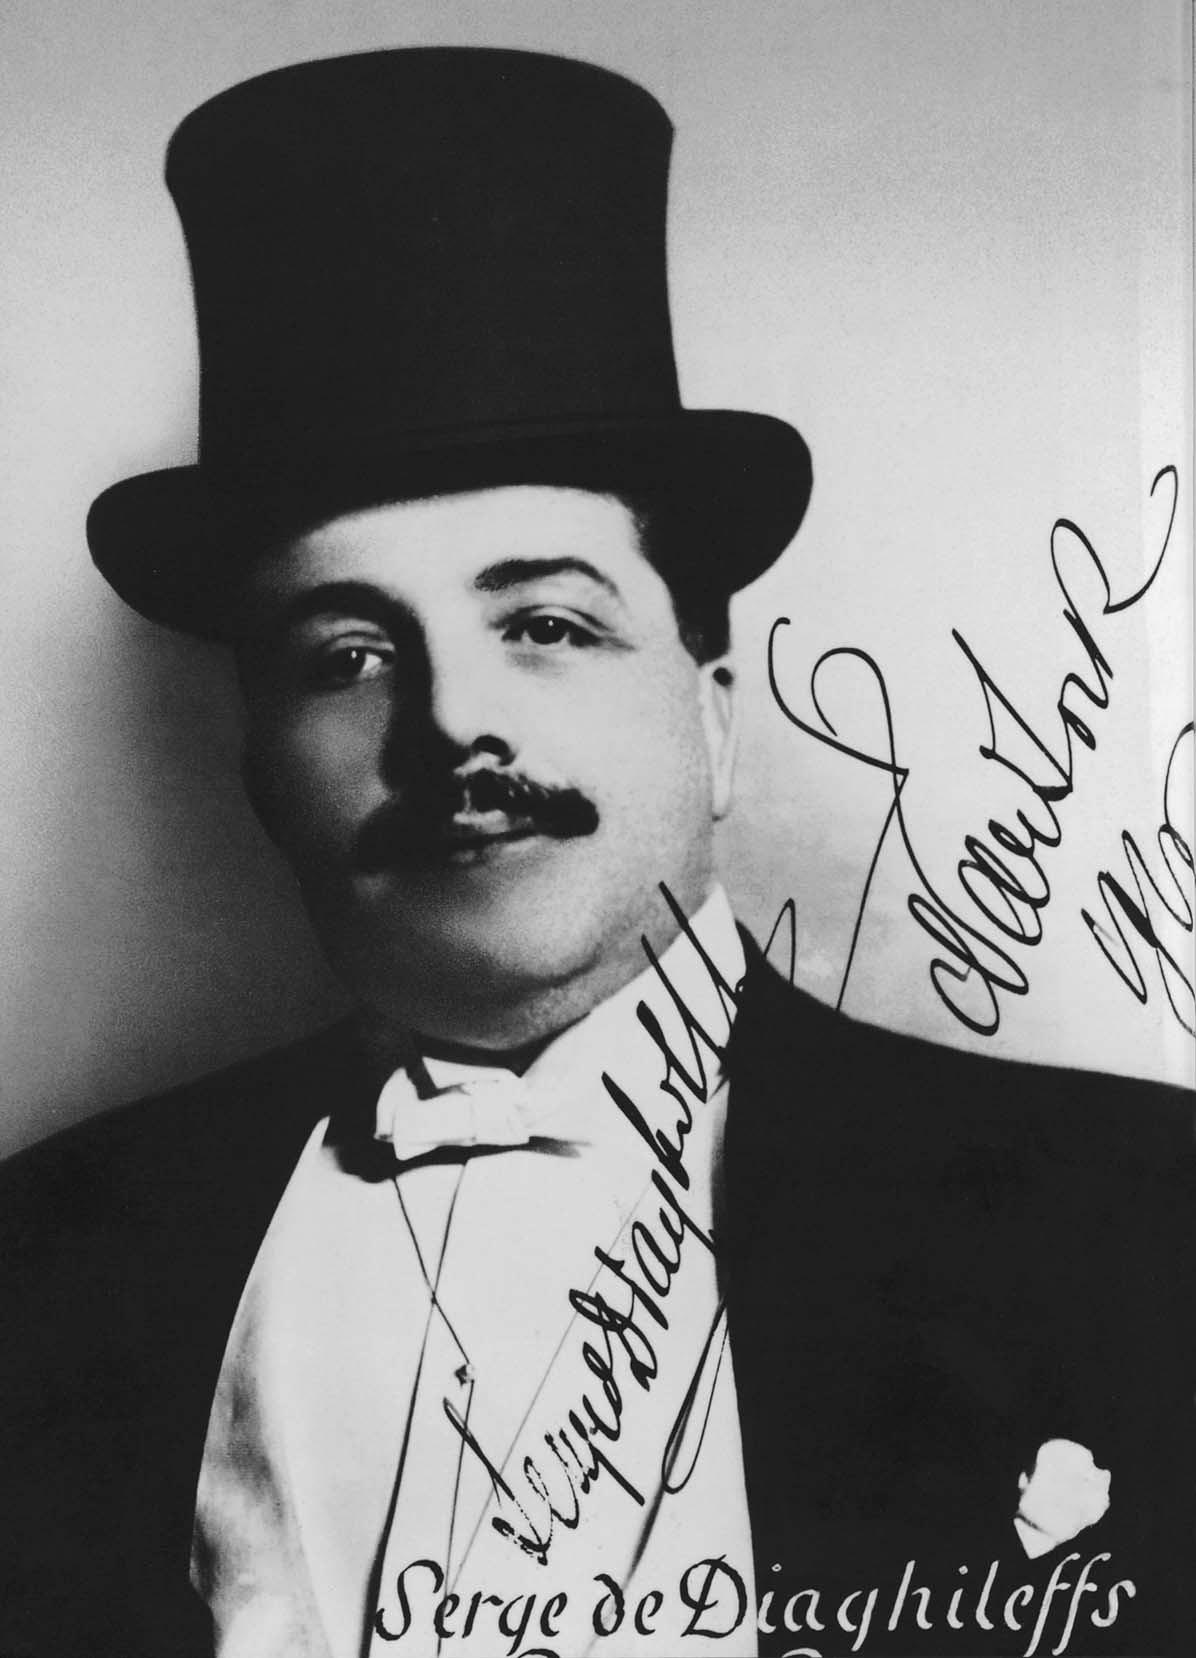 Serge Diaghilev, photograph by Jan de Sterlecki, 1916